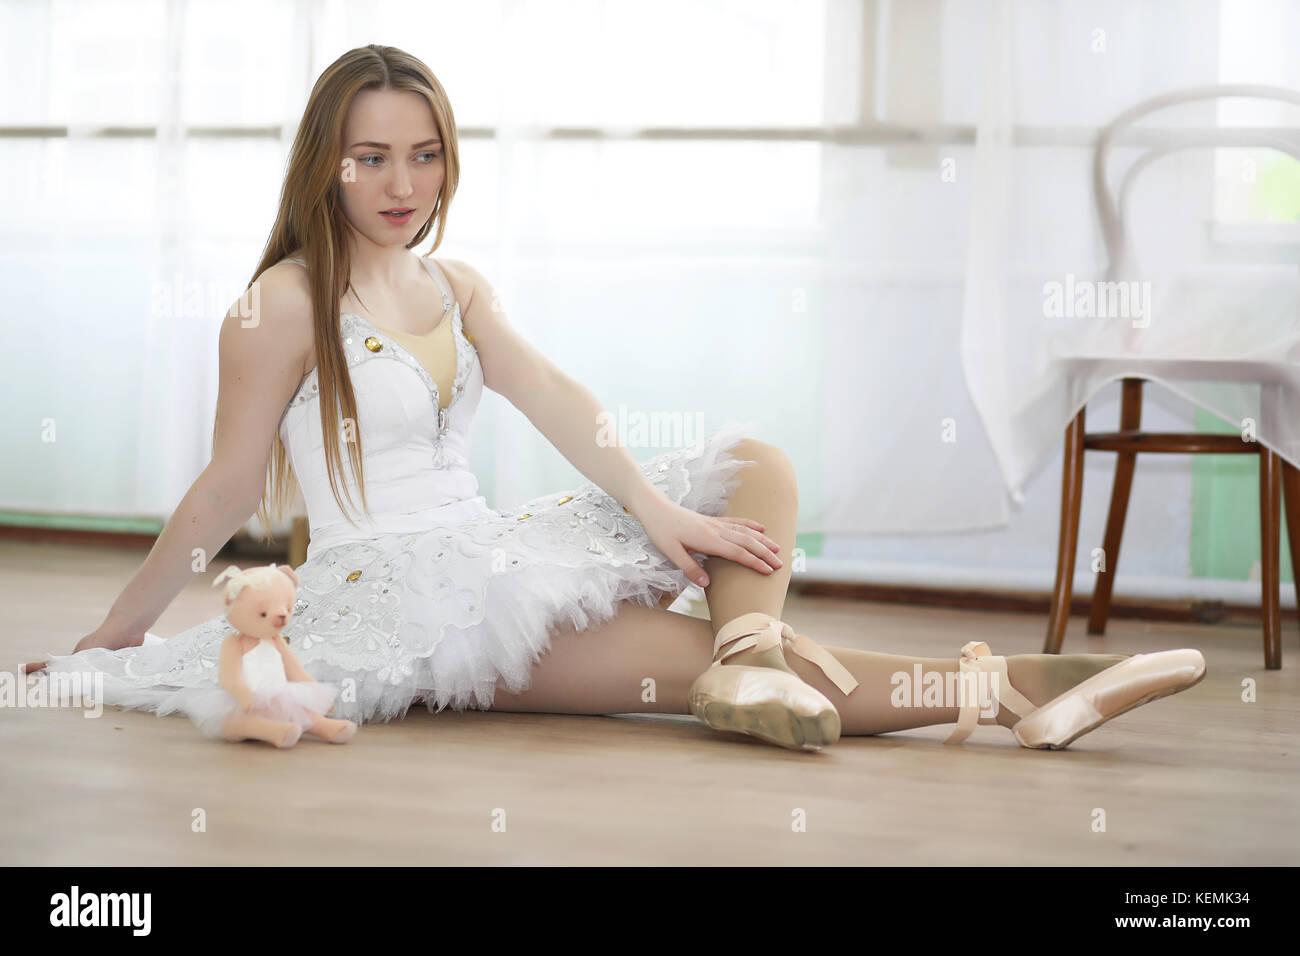 Chica linda bailarina de ballet practicando Imagen De Stock